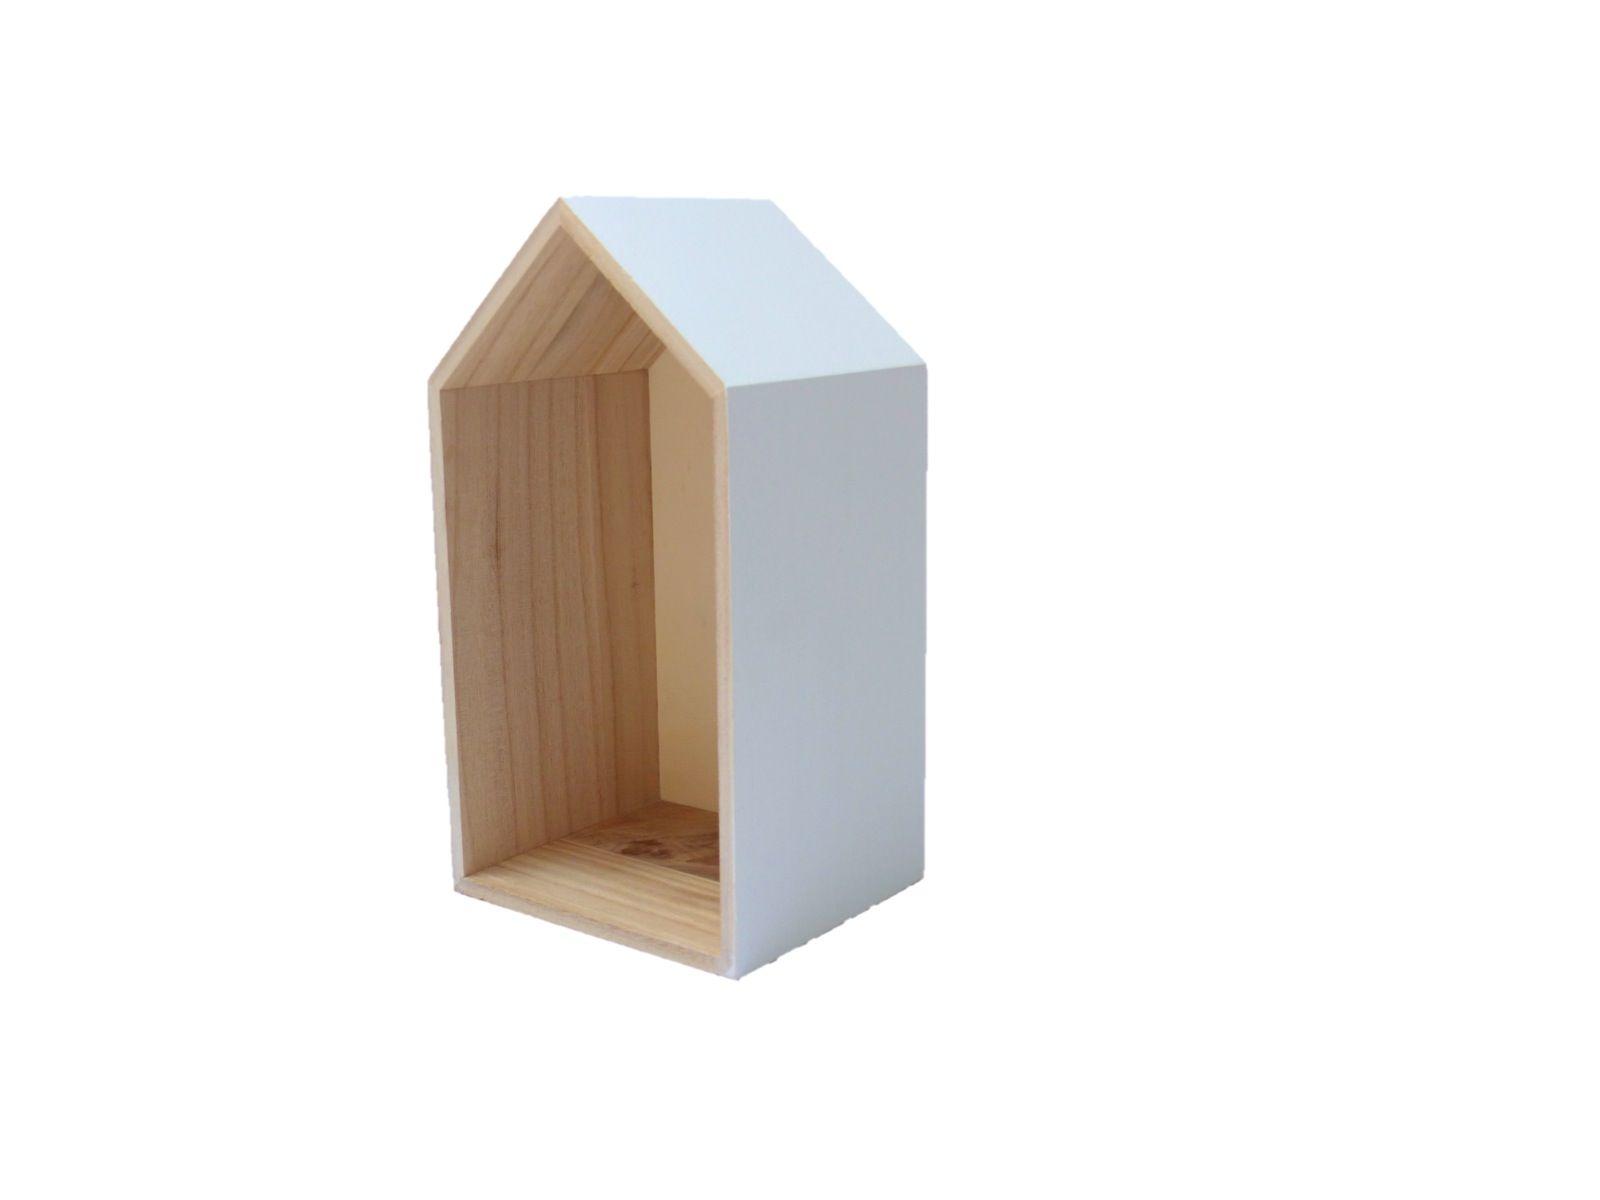 Houten huisje deco prefab houten woning blokhut huis hout